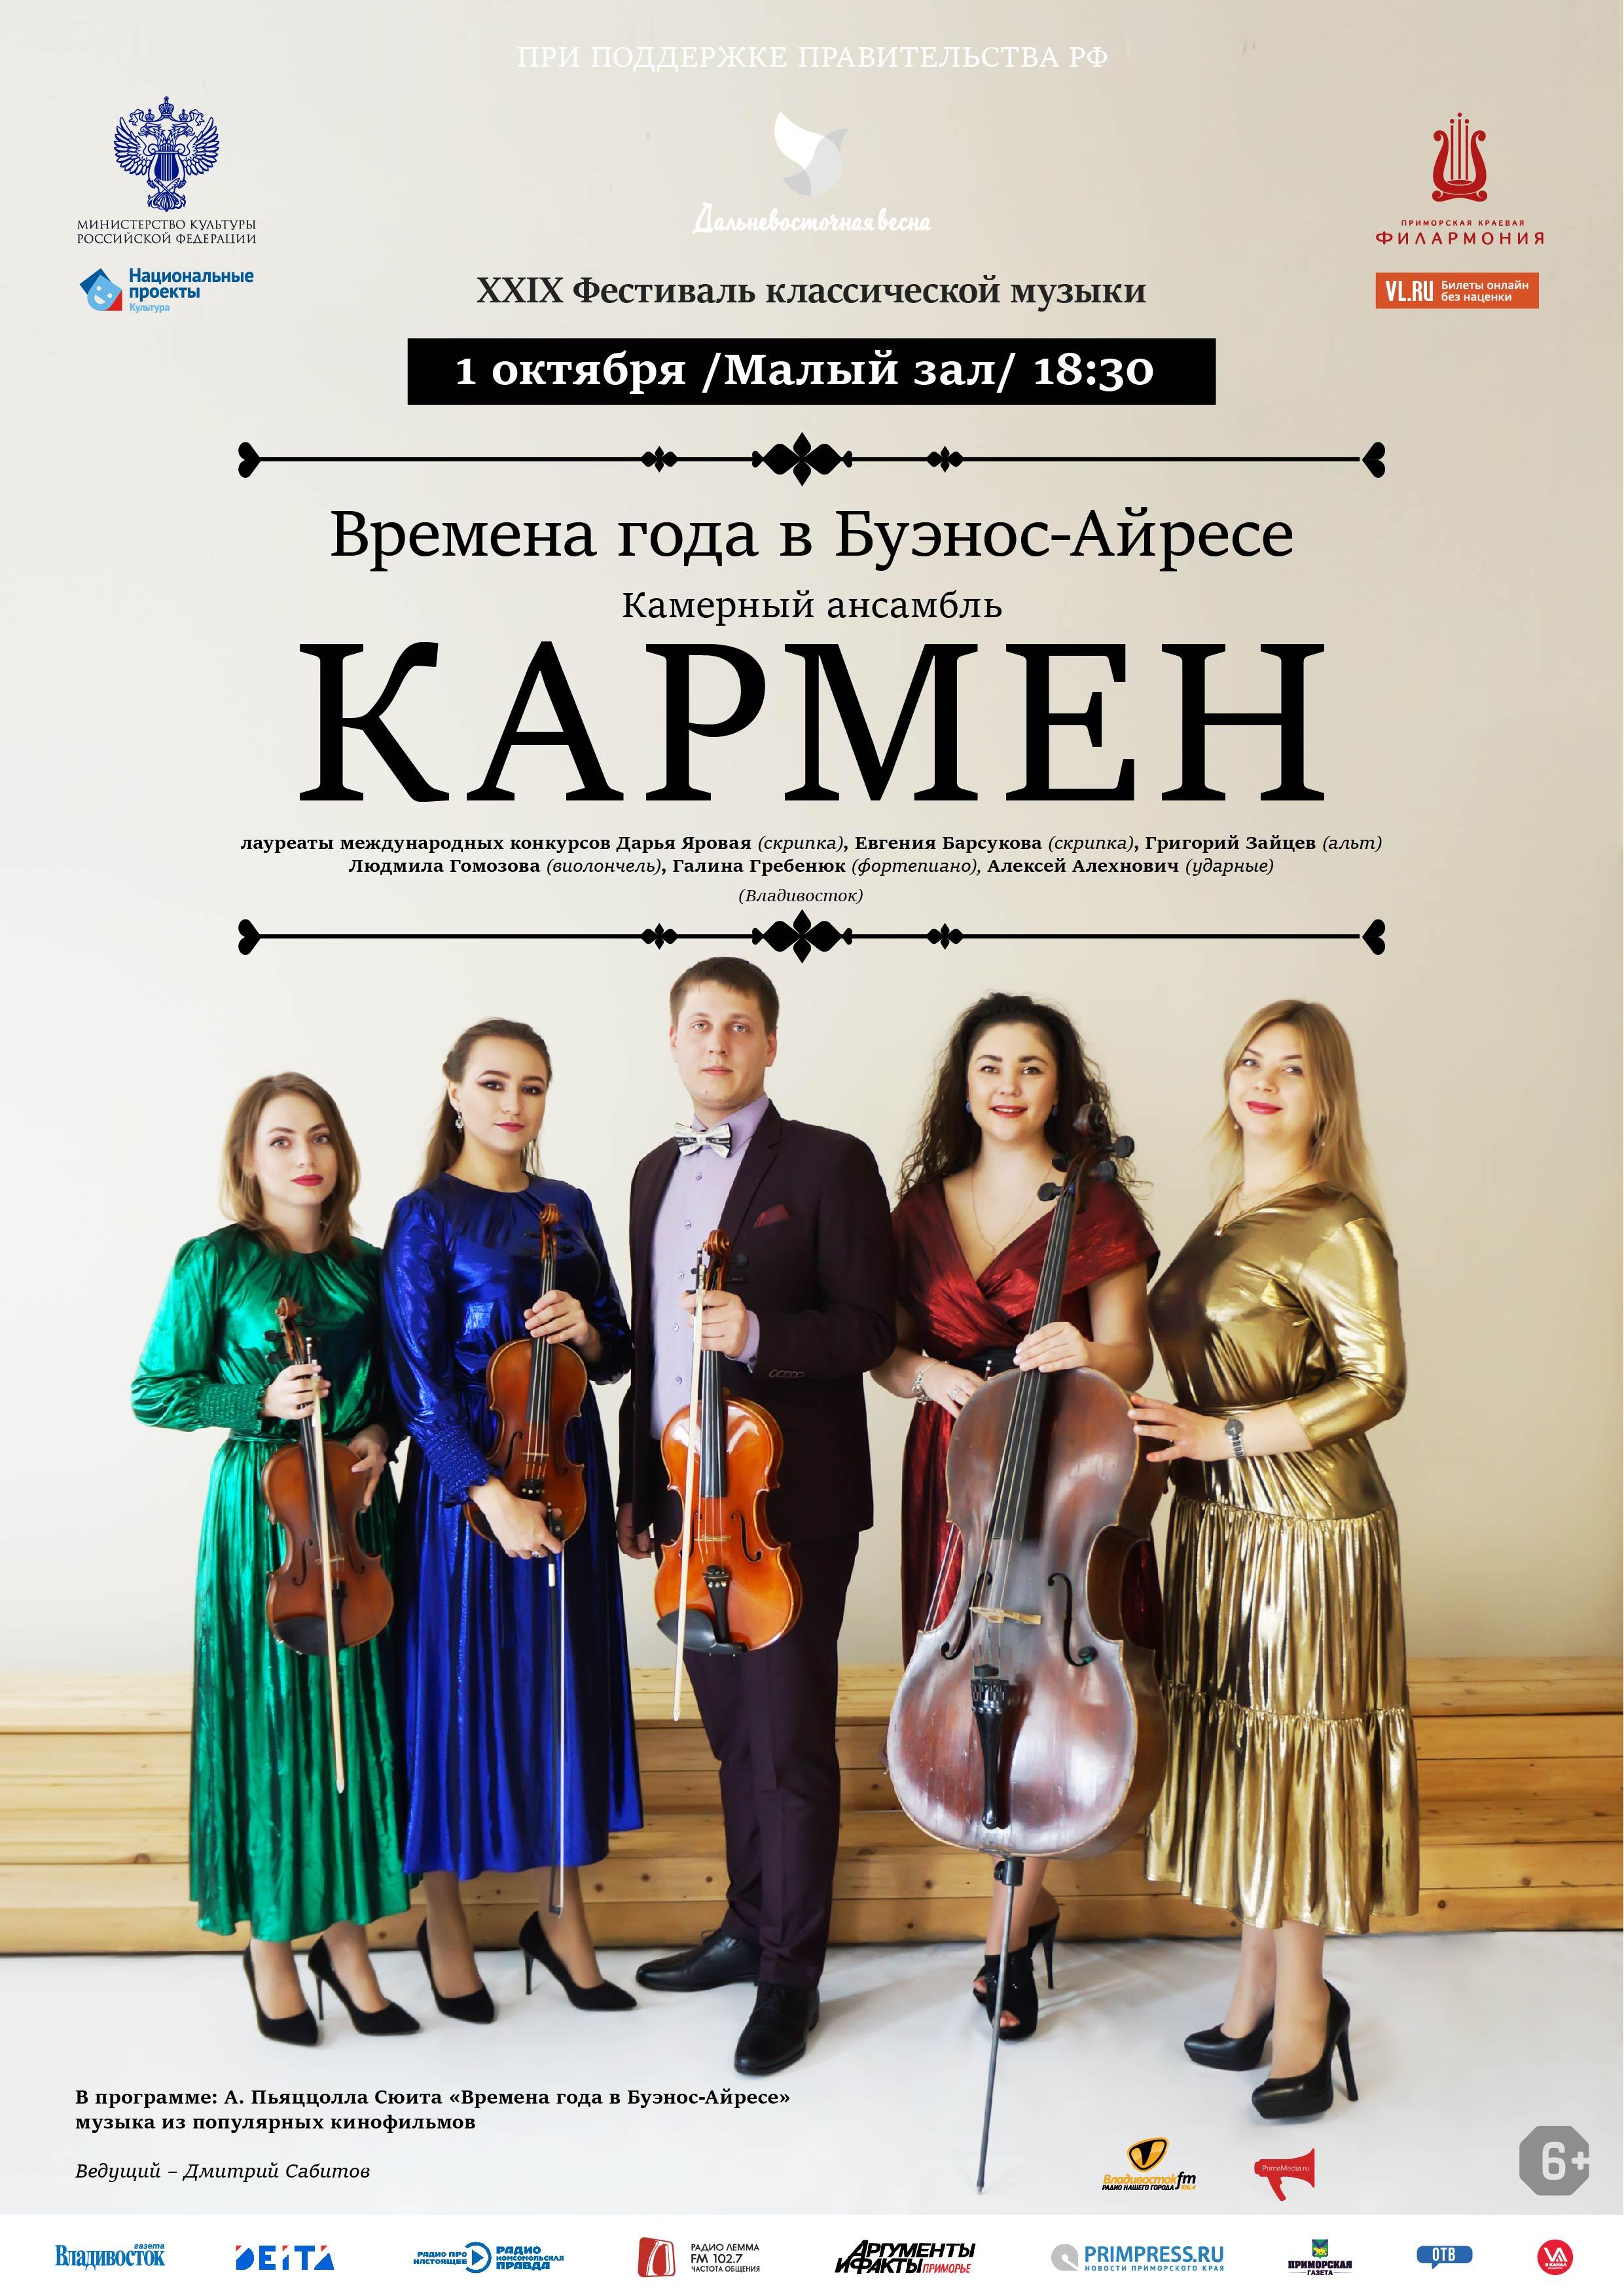 1 октября XXIX Фестиваль классической музыки «Дальневосточная Весна» Концертная программа «Времена года в Буэнос-Айресе» Камерный ансамбль «Кармен» (Владивосток)